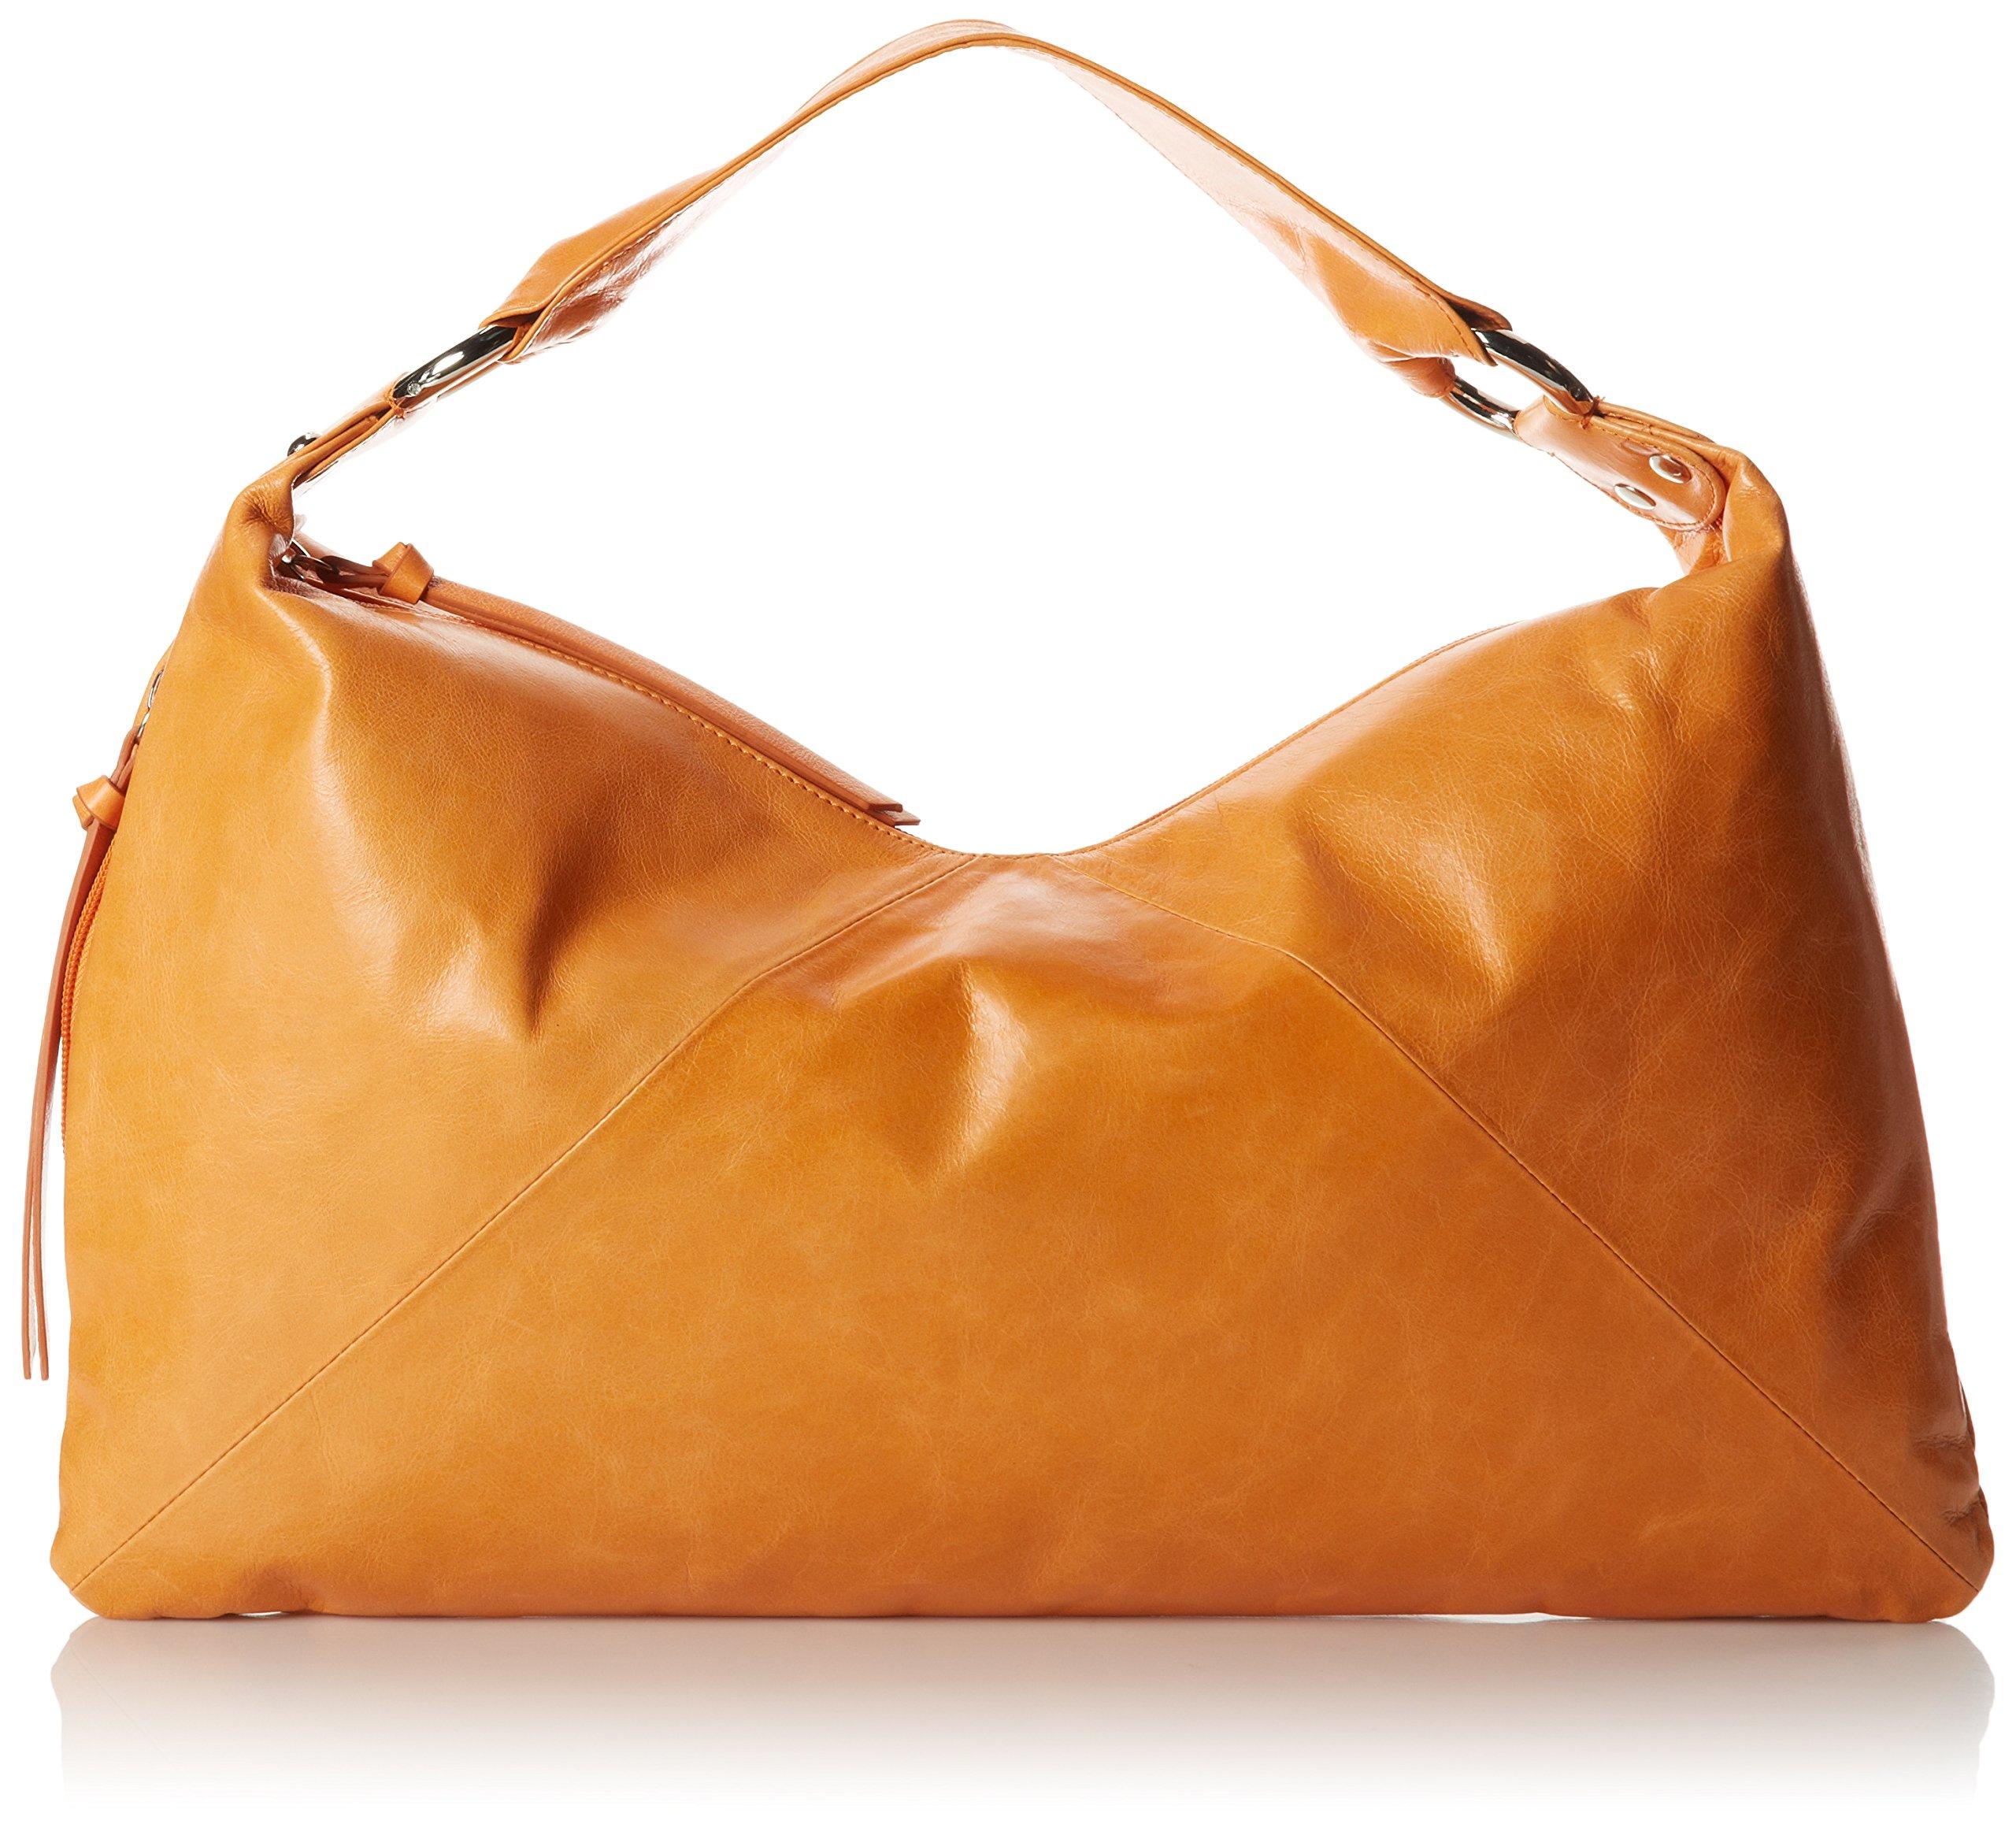 Hobo Paulette Hobo Tangerine Vintage Leather